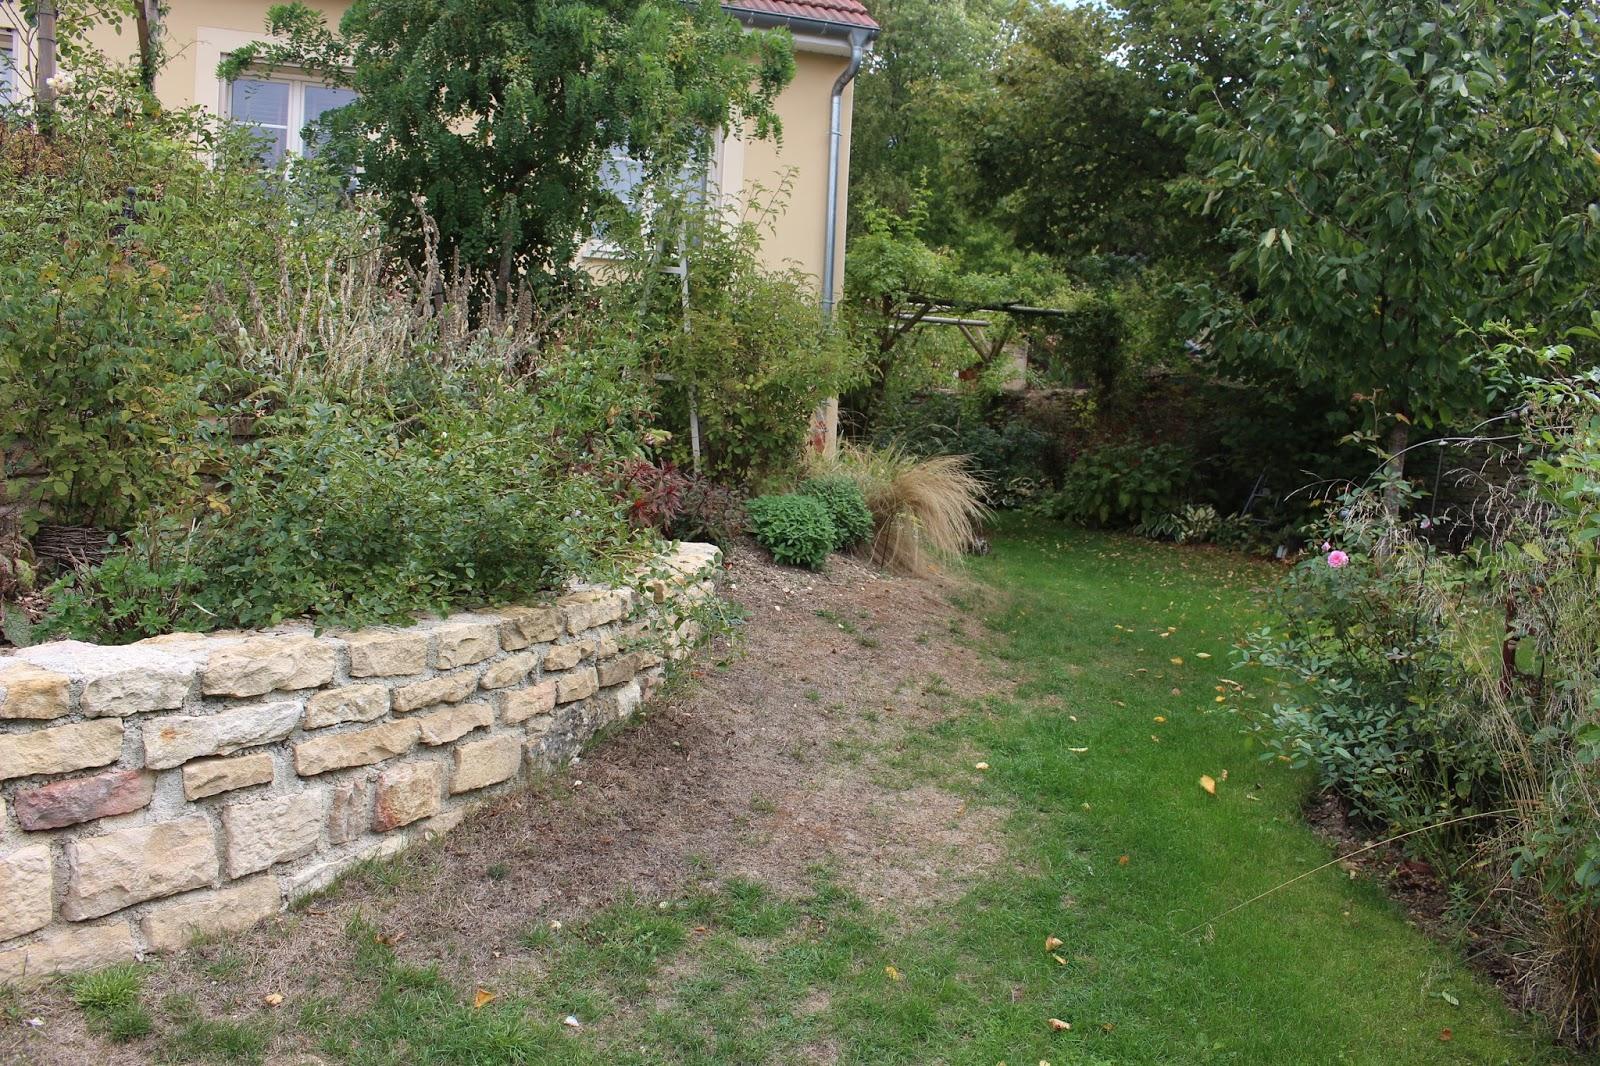 Notre jardin secret en mode grignotage for Jardin lune